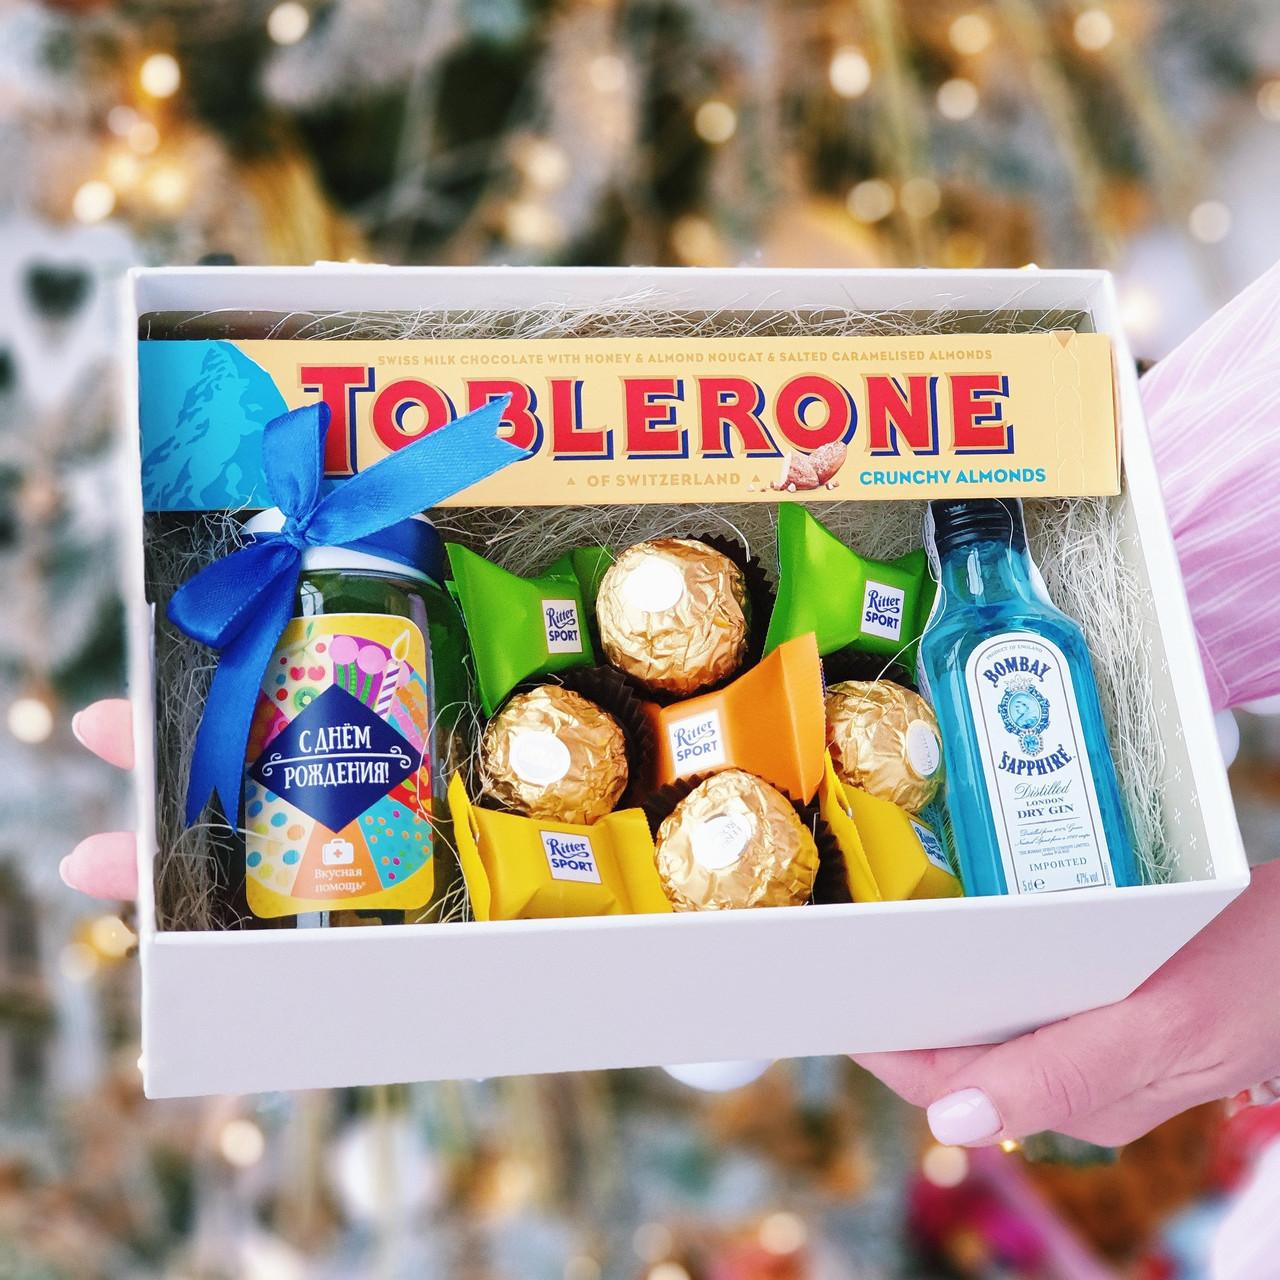 Набор ко дню рождения с джином, тоблероном и конфетами